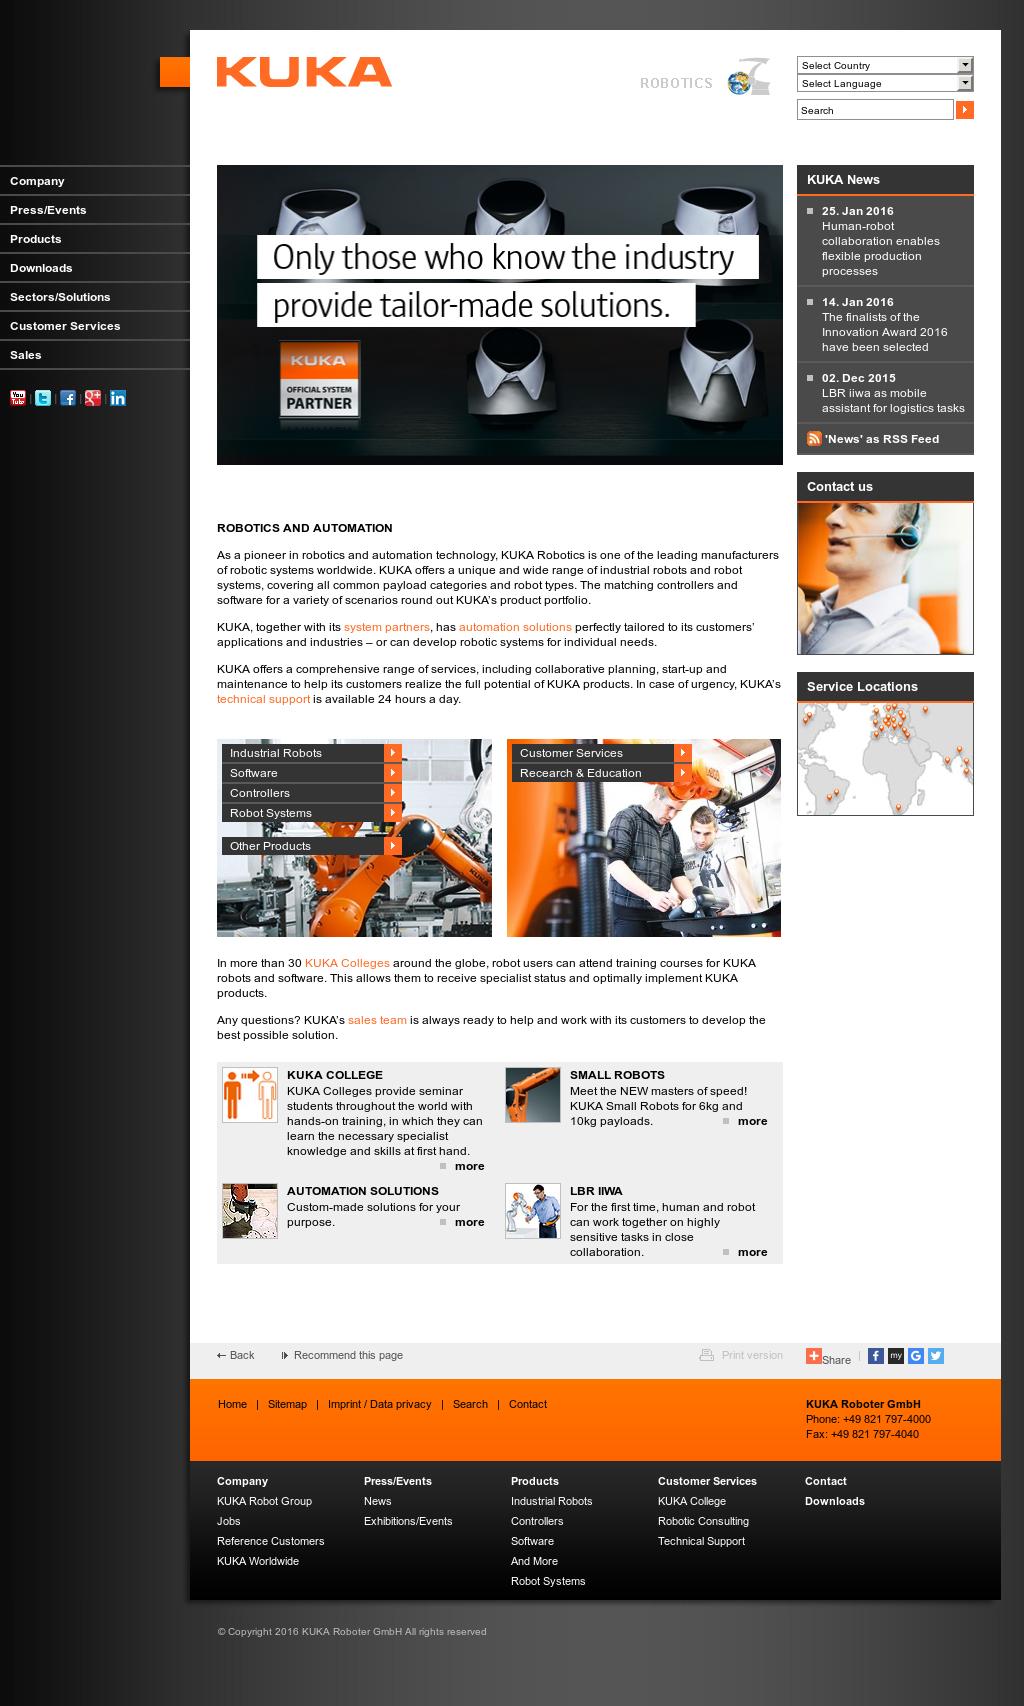 Owler Reports - KUKA Roboter: KUKA LBR iiwa Lightweight